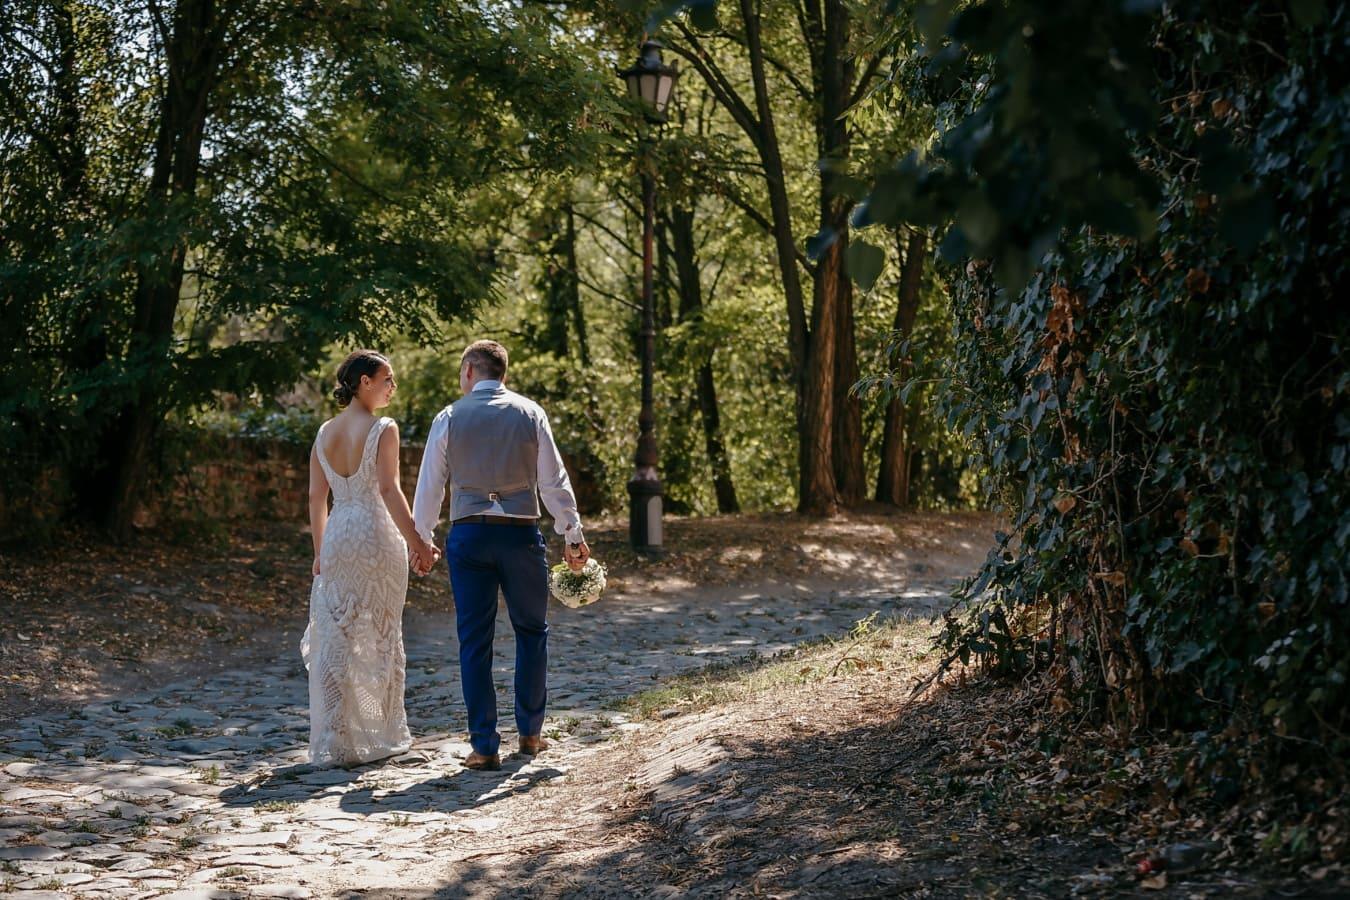 marche, sentier de la forêt, tout juste marié, randonnée, amour, jeune fille, arbre, forêt, mariage, engagement